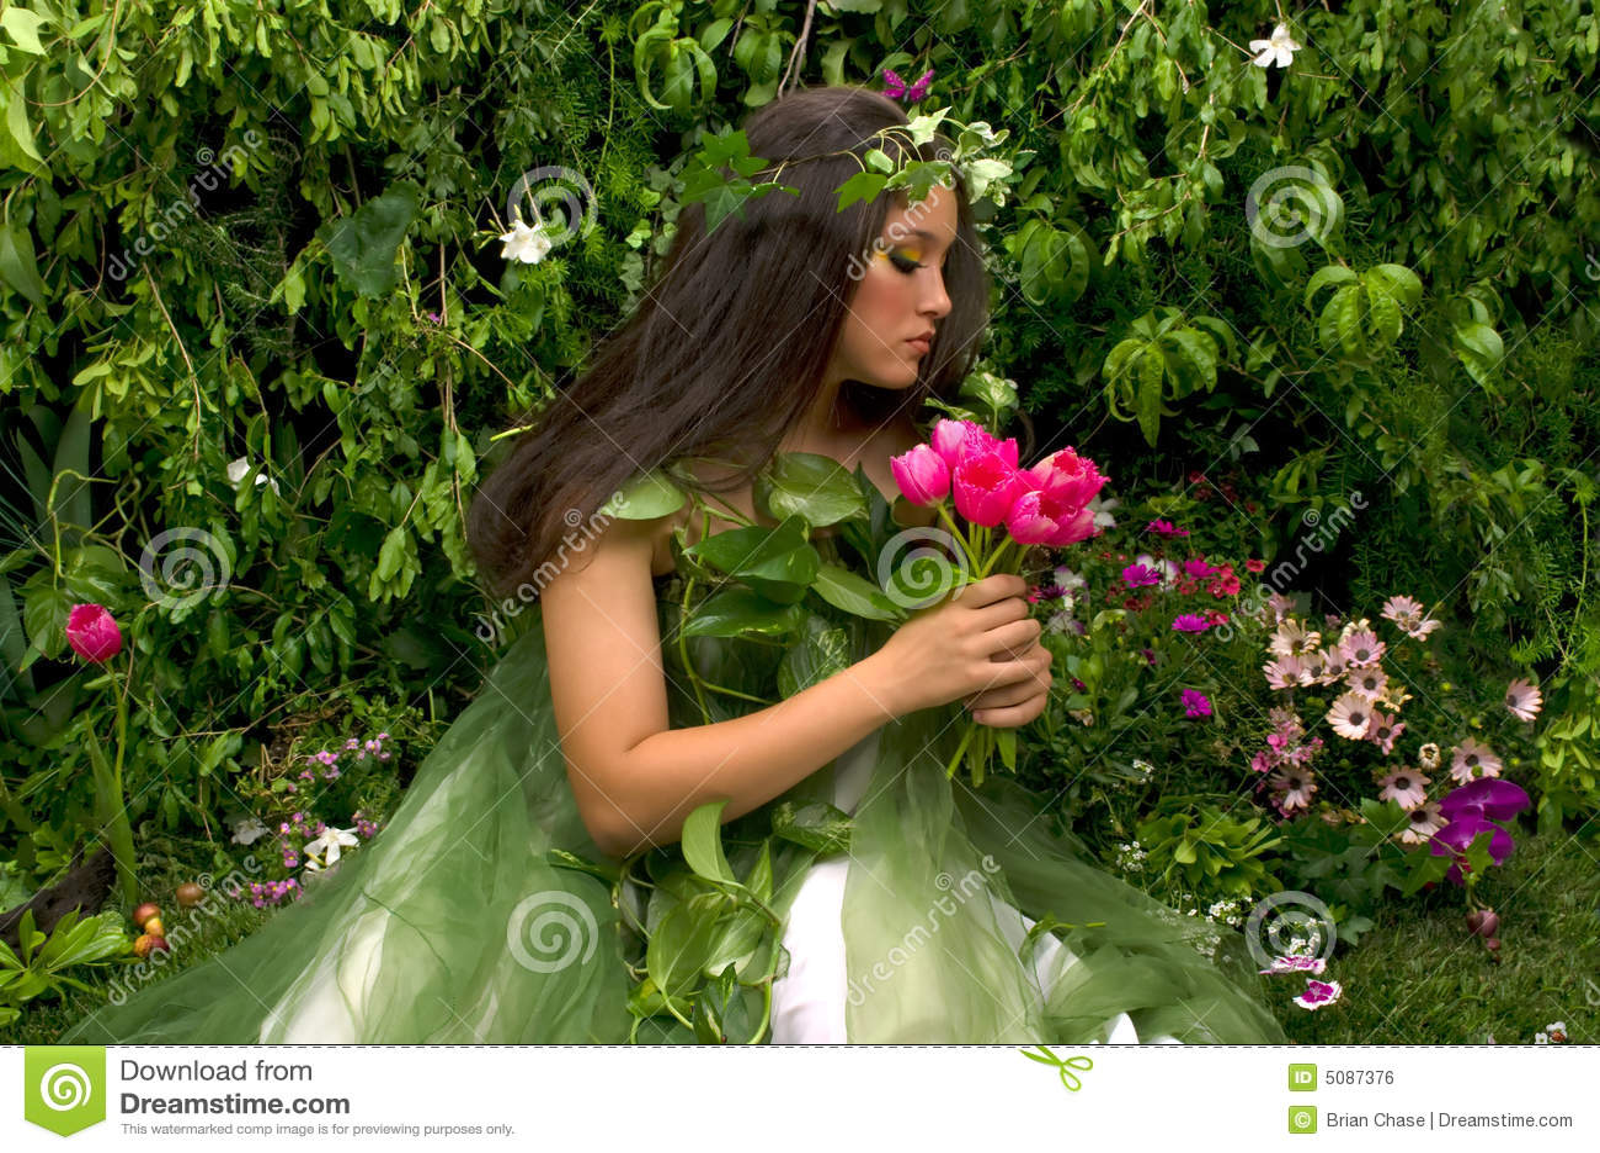 Enchanted Garden: Enchanted Garden Royalty Free Stock Image